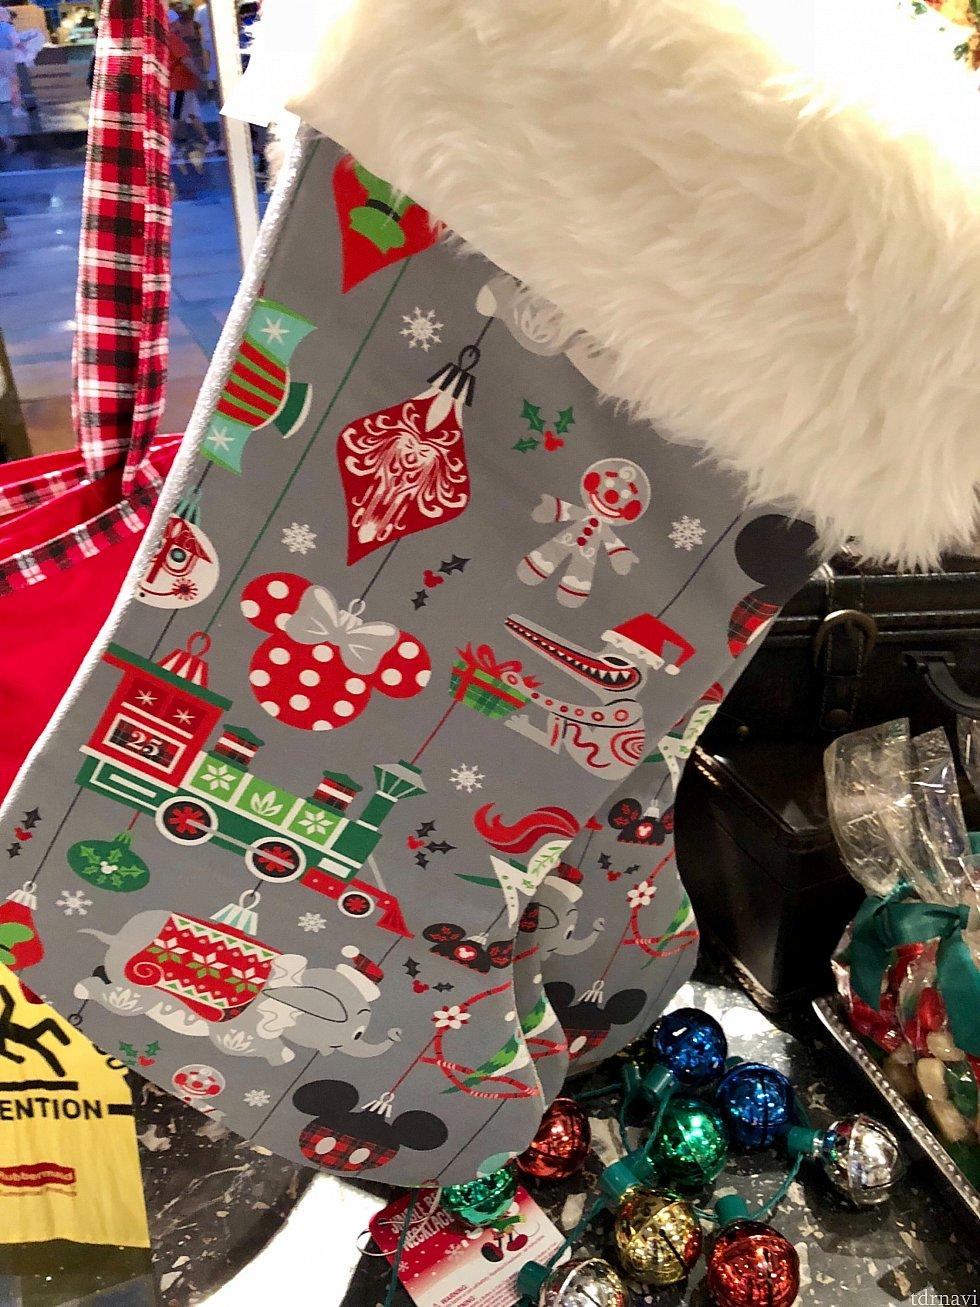 こちらは同じく靴下のプレゼントバッグですが、デザインがもっとモダンです。$29.99